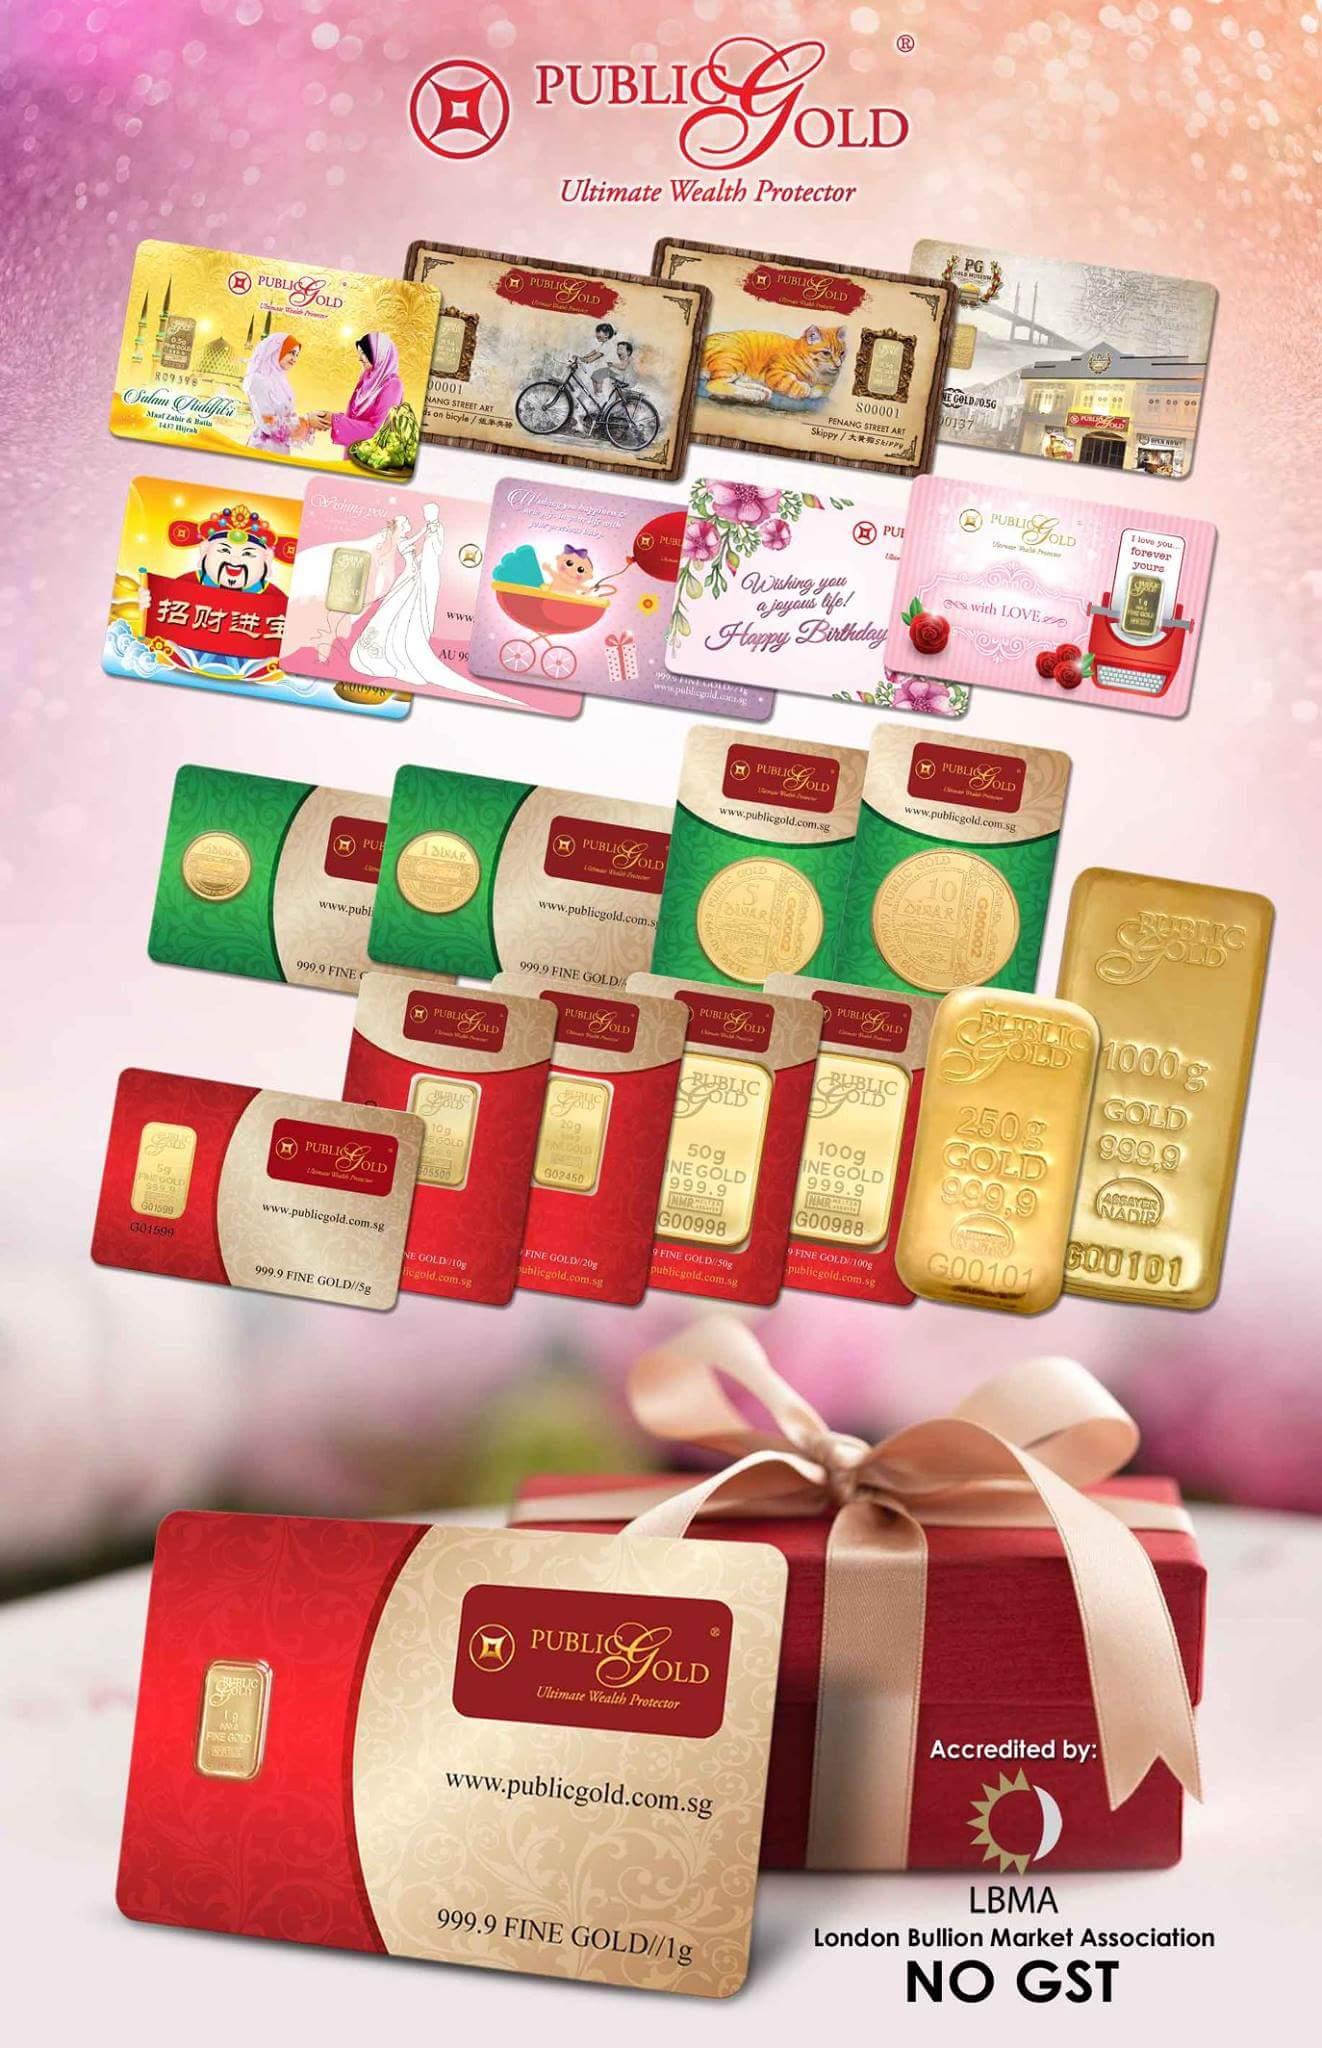 item emas gold bar jongkong emas dinar public gold lbma